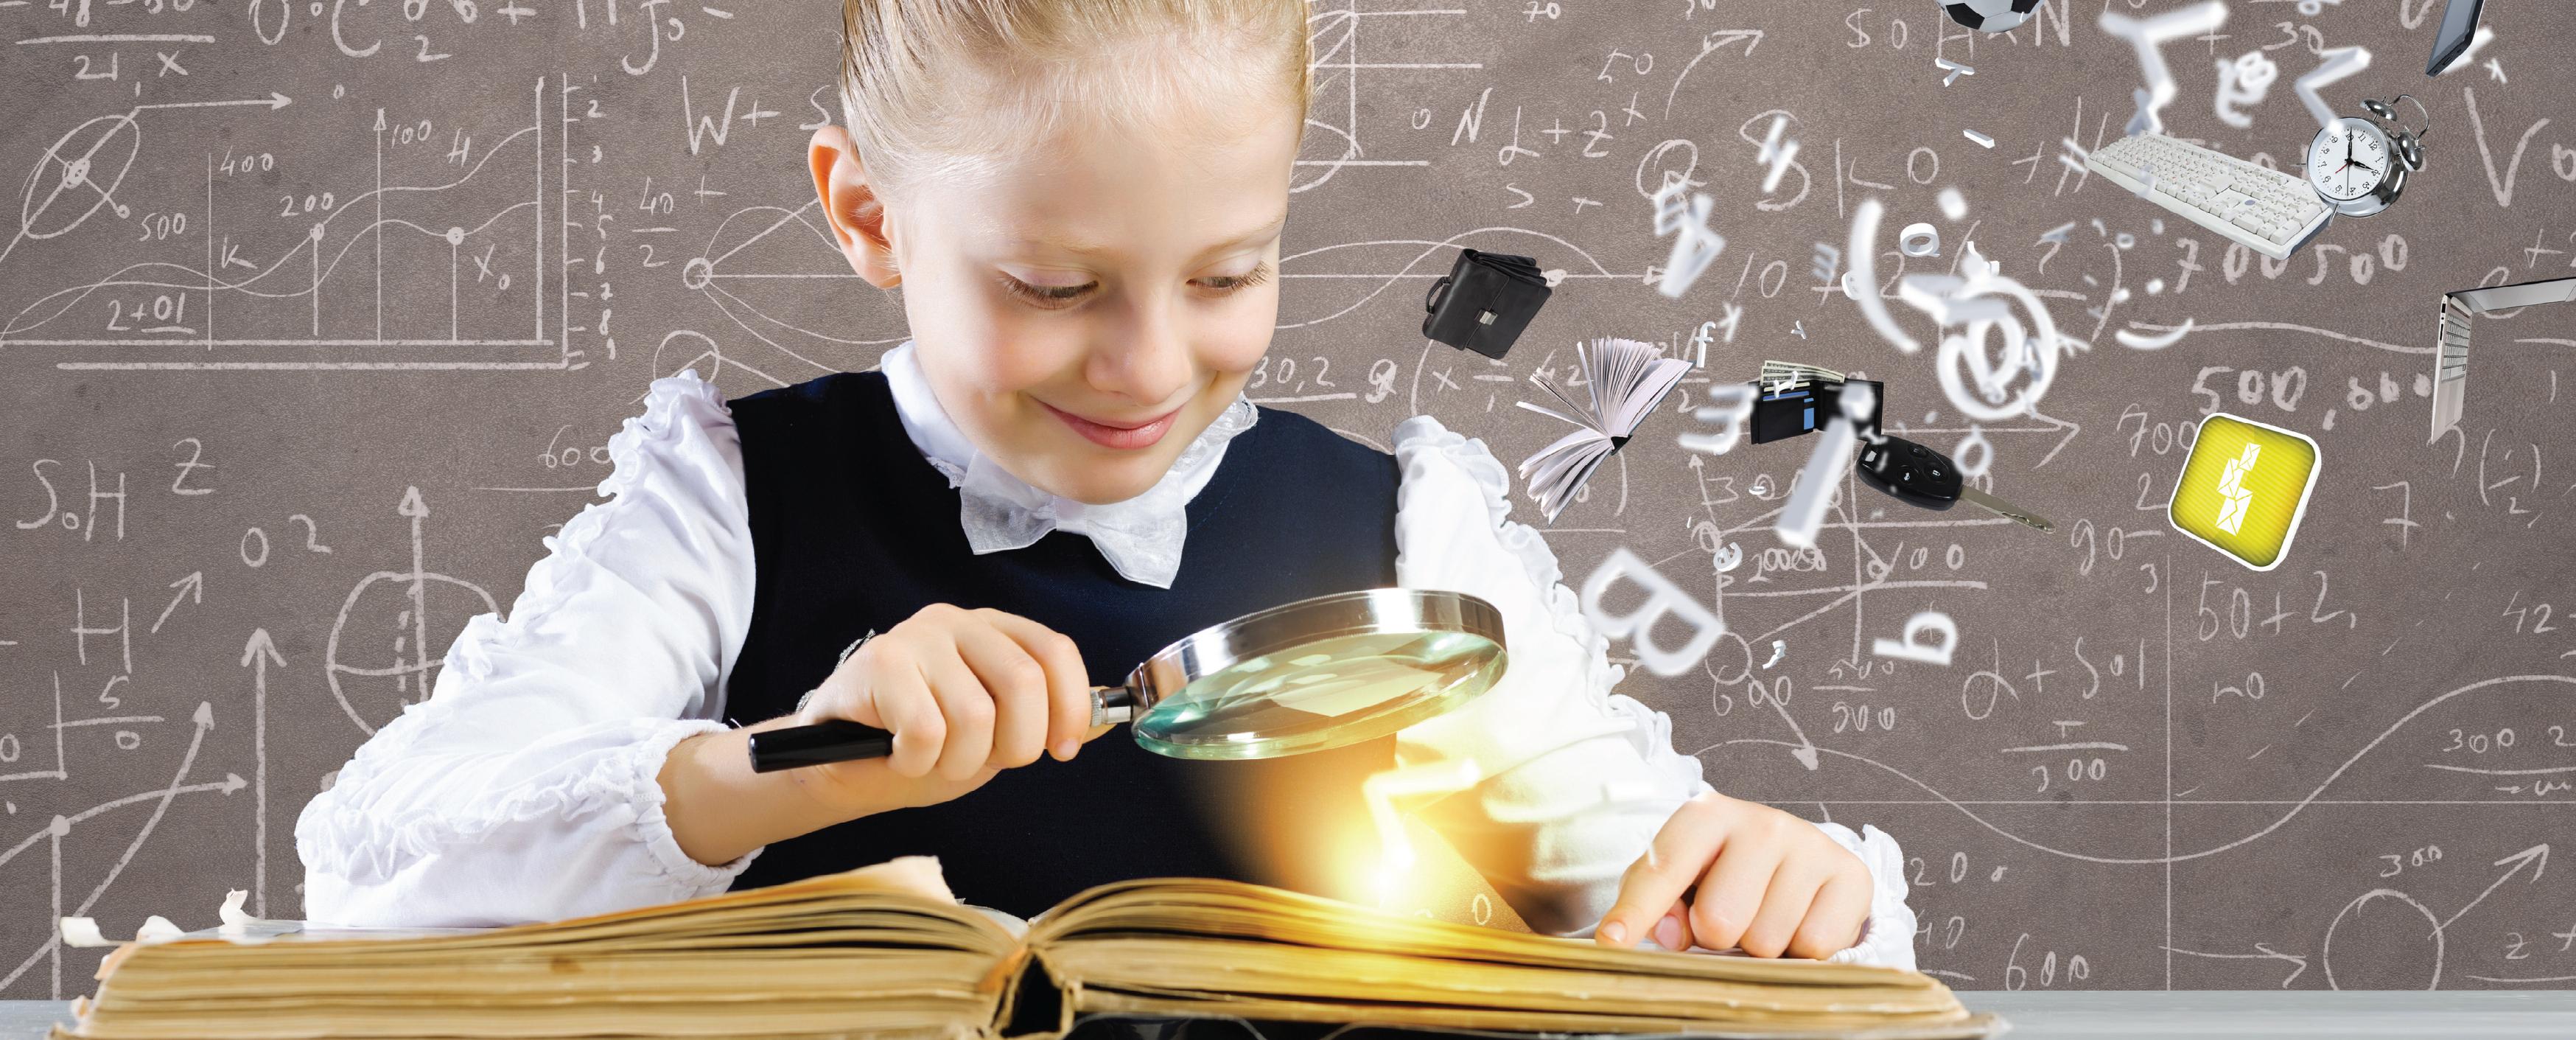 Semana da Ciência nas escolas e bibliotecas de Barcelos